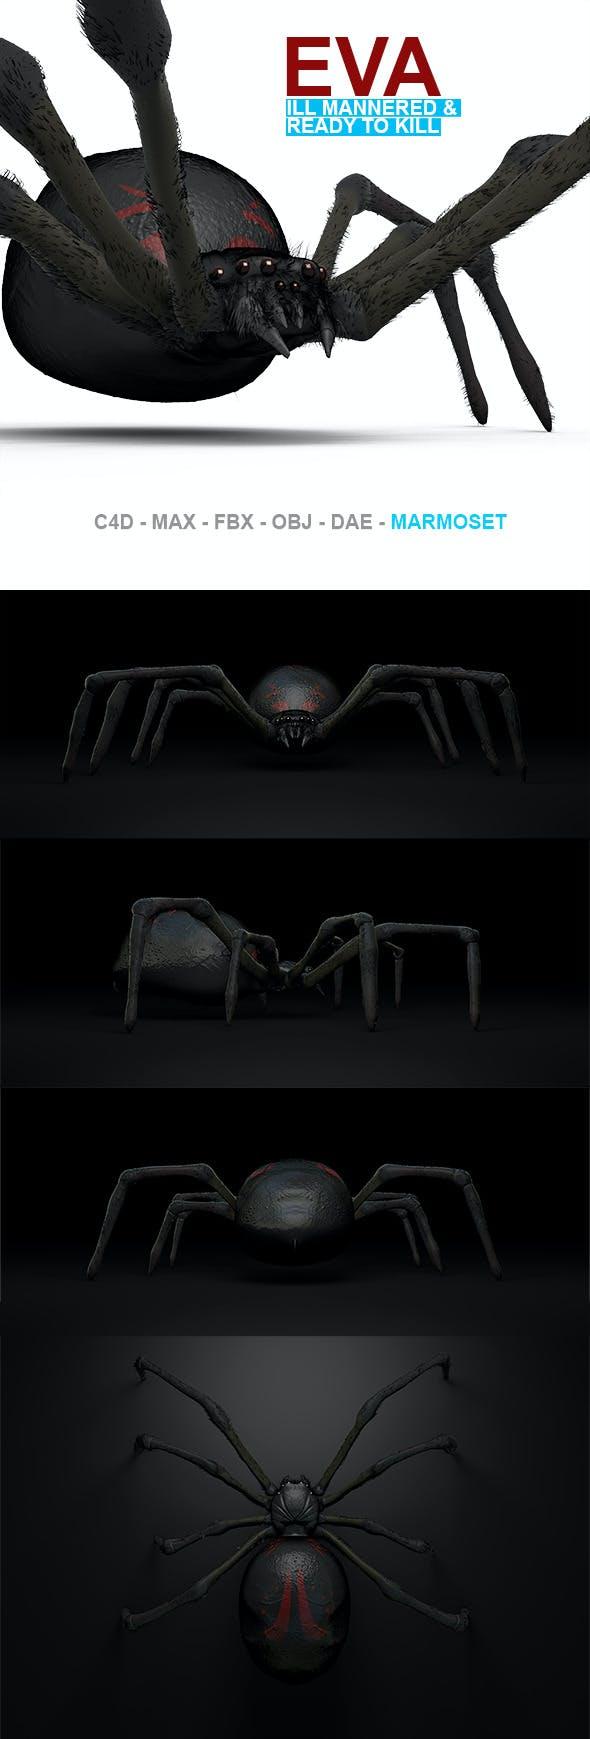 Eva High Poly Spider Model - 3DOcean Item for Sale